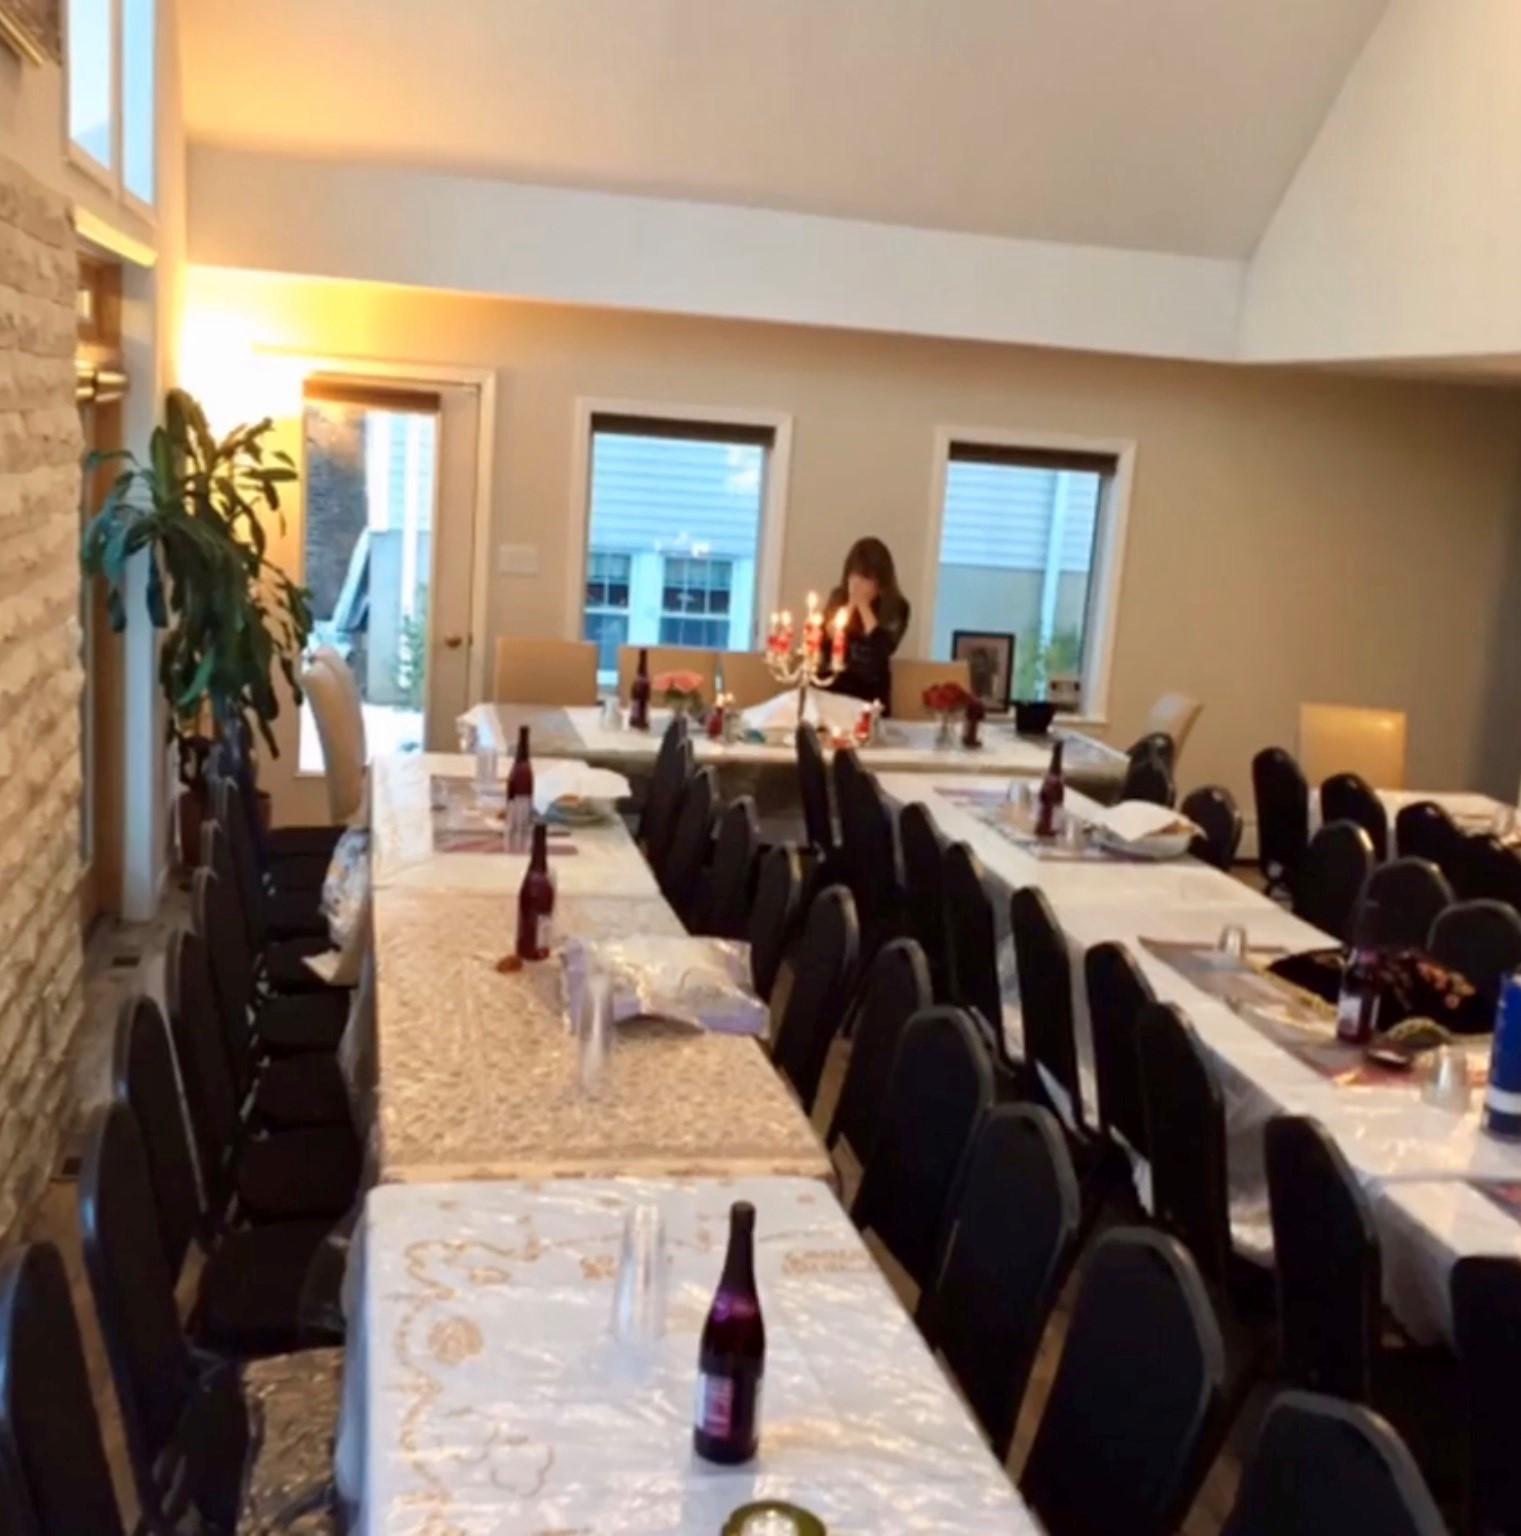 Shabbat House Table Setup.jpg